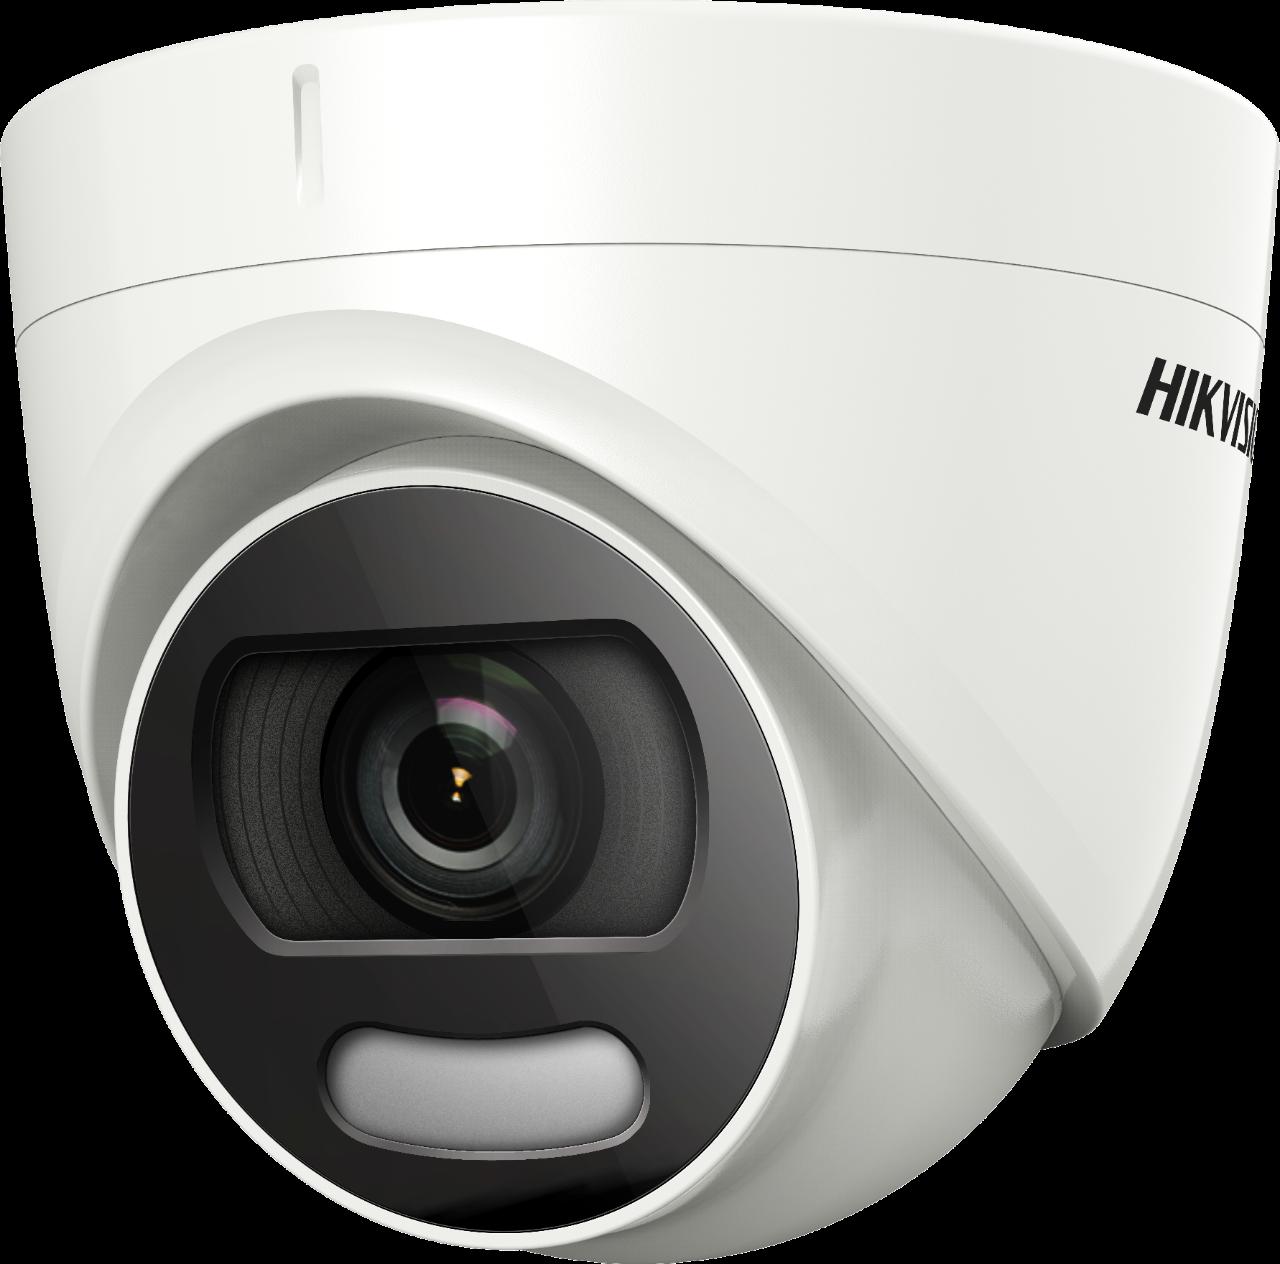 Turbo HD HDoC Augapfel- / Revolverkamera Für den Außenbereich Auflösung: 5 MP Objektiv: 2,8 mm Weißlicht 20 m IP67 Stromversorgung: 12 VDC ColorVu - 24/7 Farbe, 4 Zoll 1, Up the Coax (HIkVision-C) 130 dB True WDR